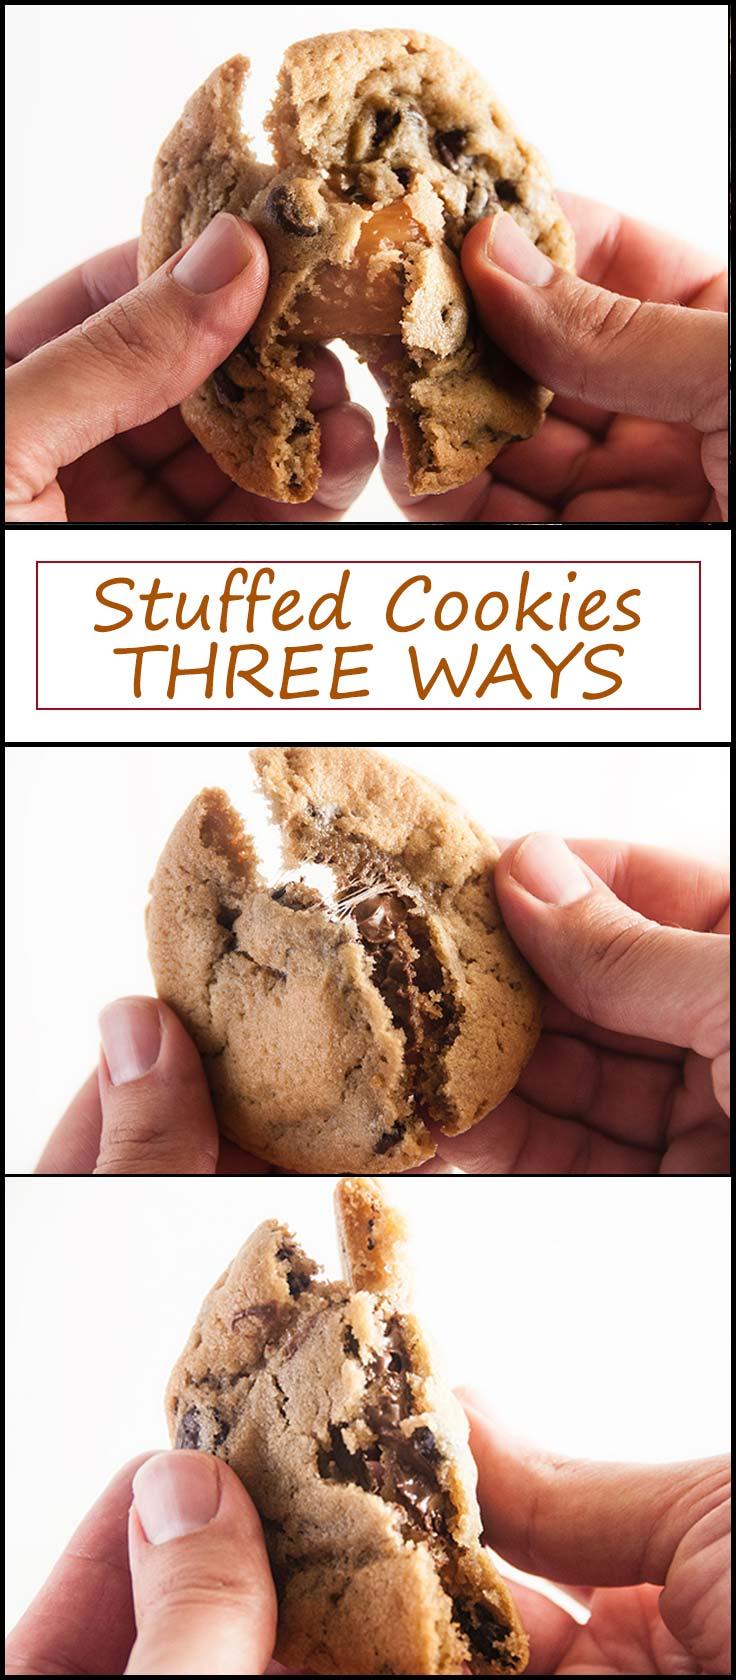 Stuffed Cookies Three Ways from www.seasonedsprinkles.com